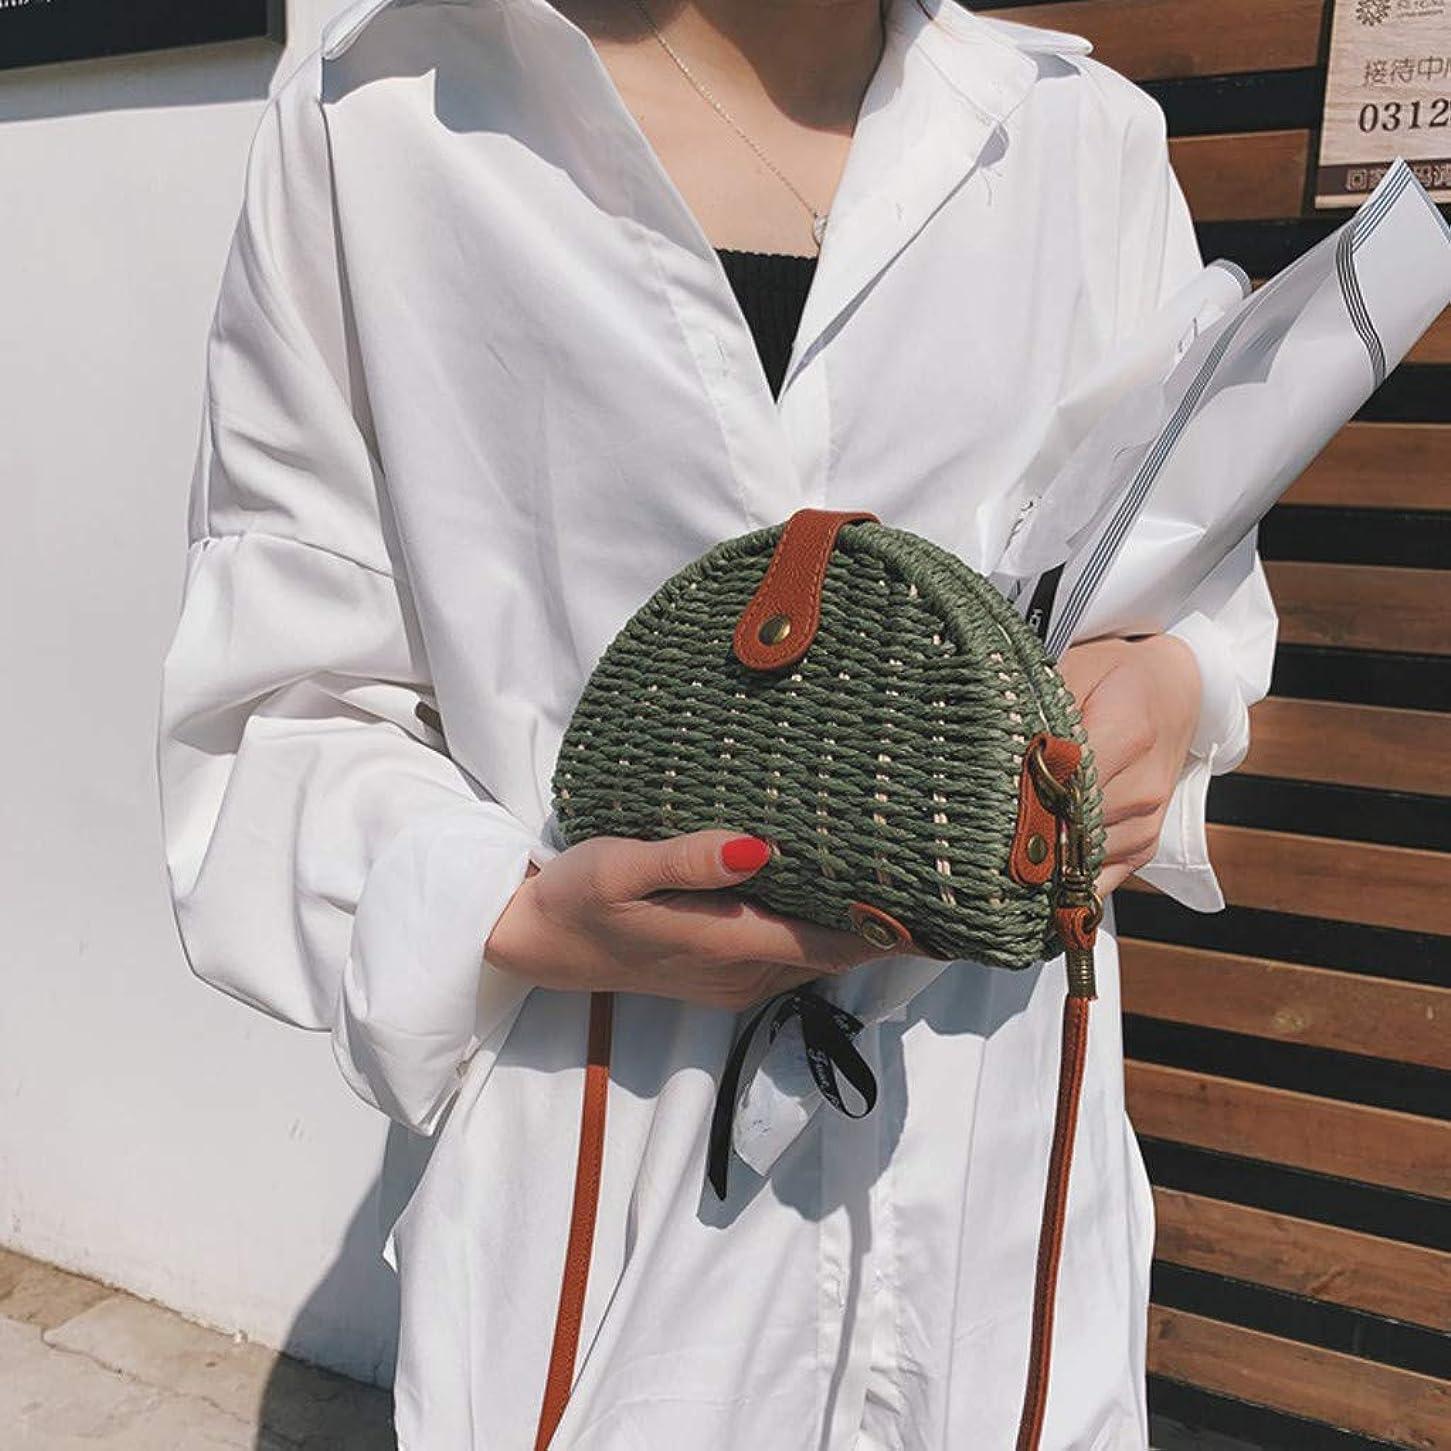 保証金後方自由女性ミニ織りビーチショルダーバッグレディースボヘミアンスタイルレジャーハンドバッグ、女性のミニ織クロスボディバッグ、レディースミニファッションビーチスタイルクロスボディバッグ (緑)